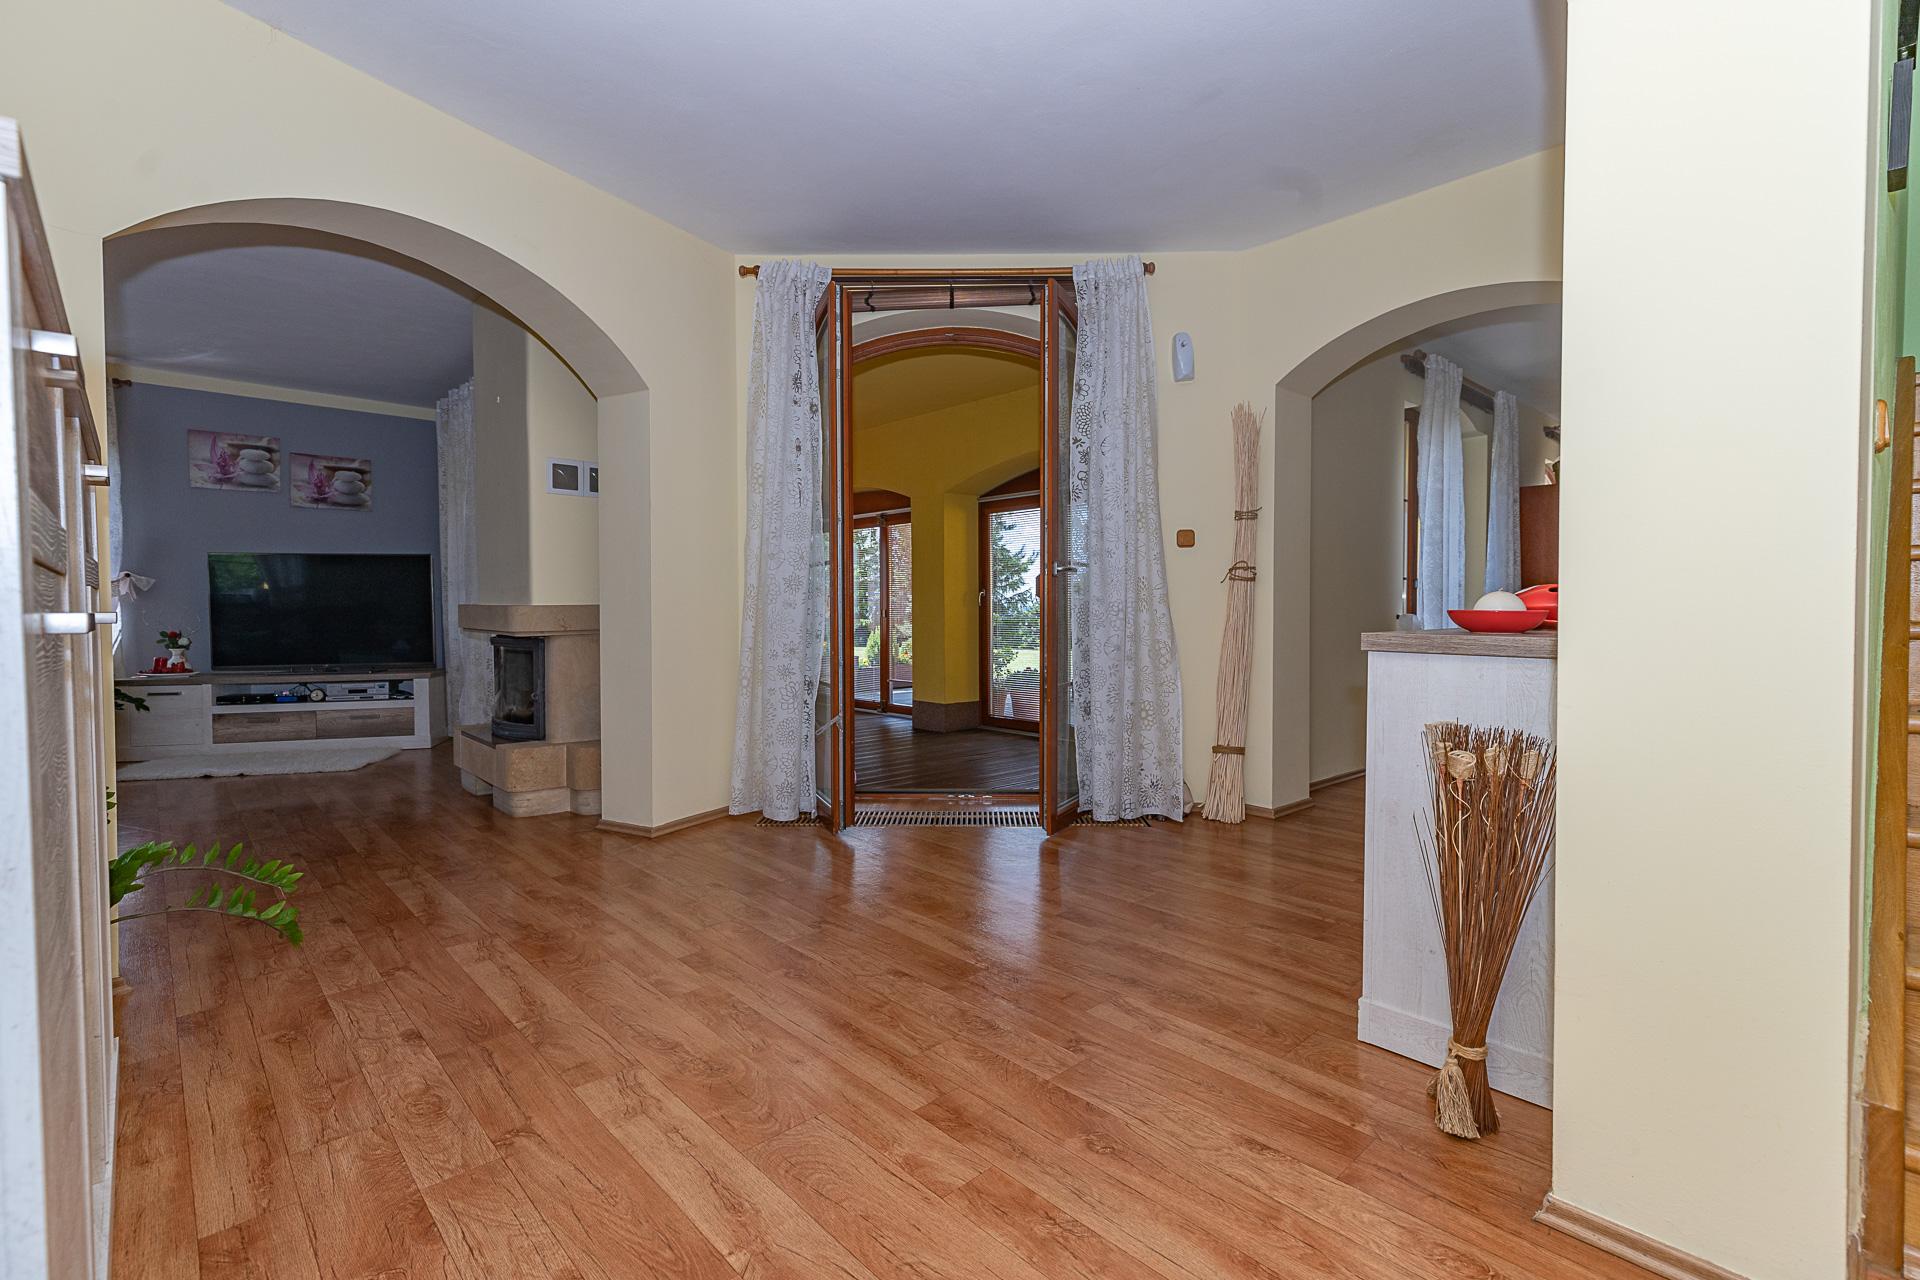 vstupní chodba do obývacího pokoje, zimní zahrady a kuchyňského koutu